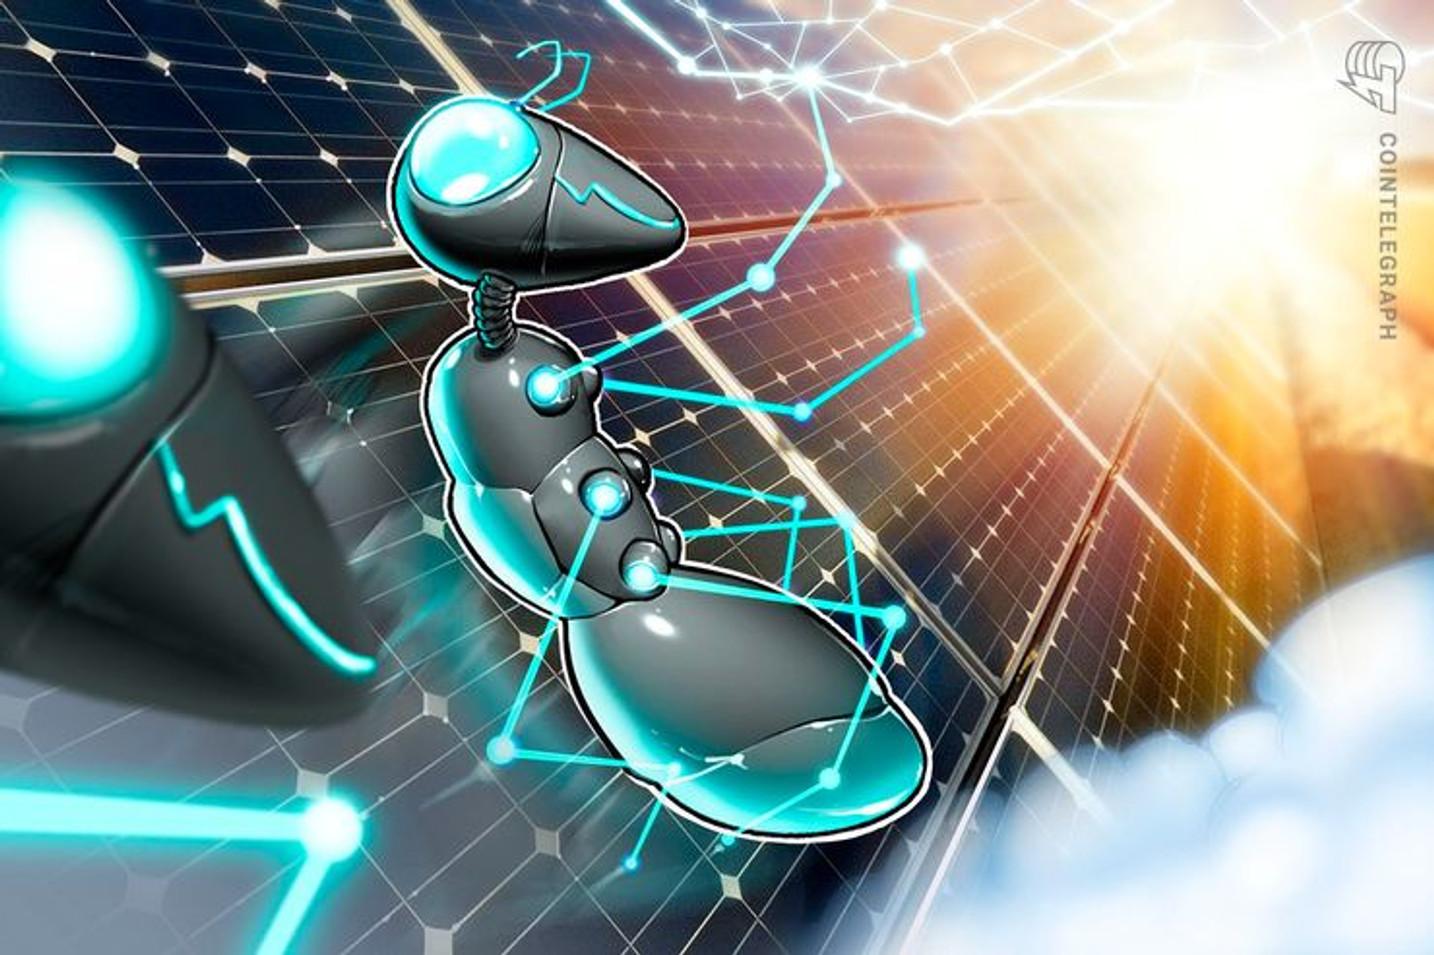 Kabellose Ladetechnik für E-Autos mit Blockchain-Abrechnung in Arbeit